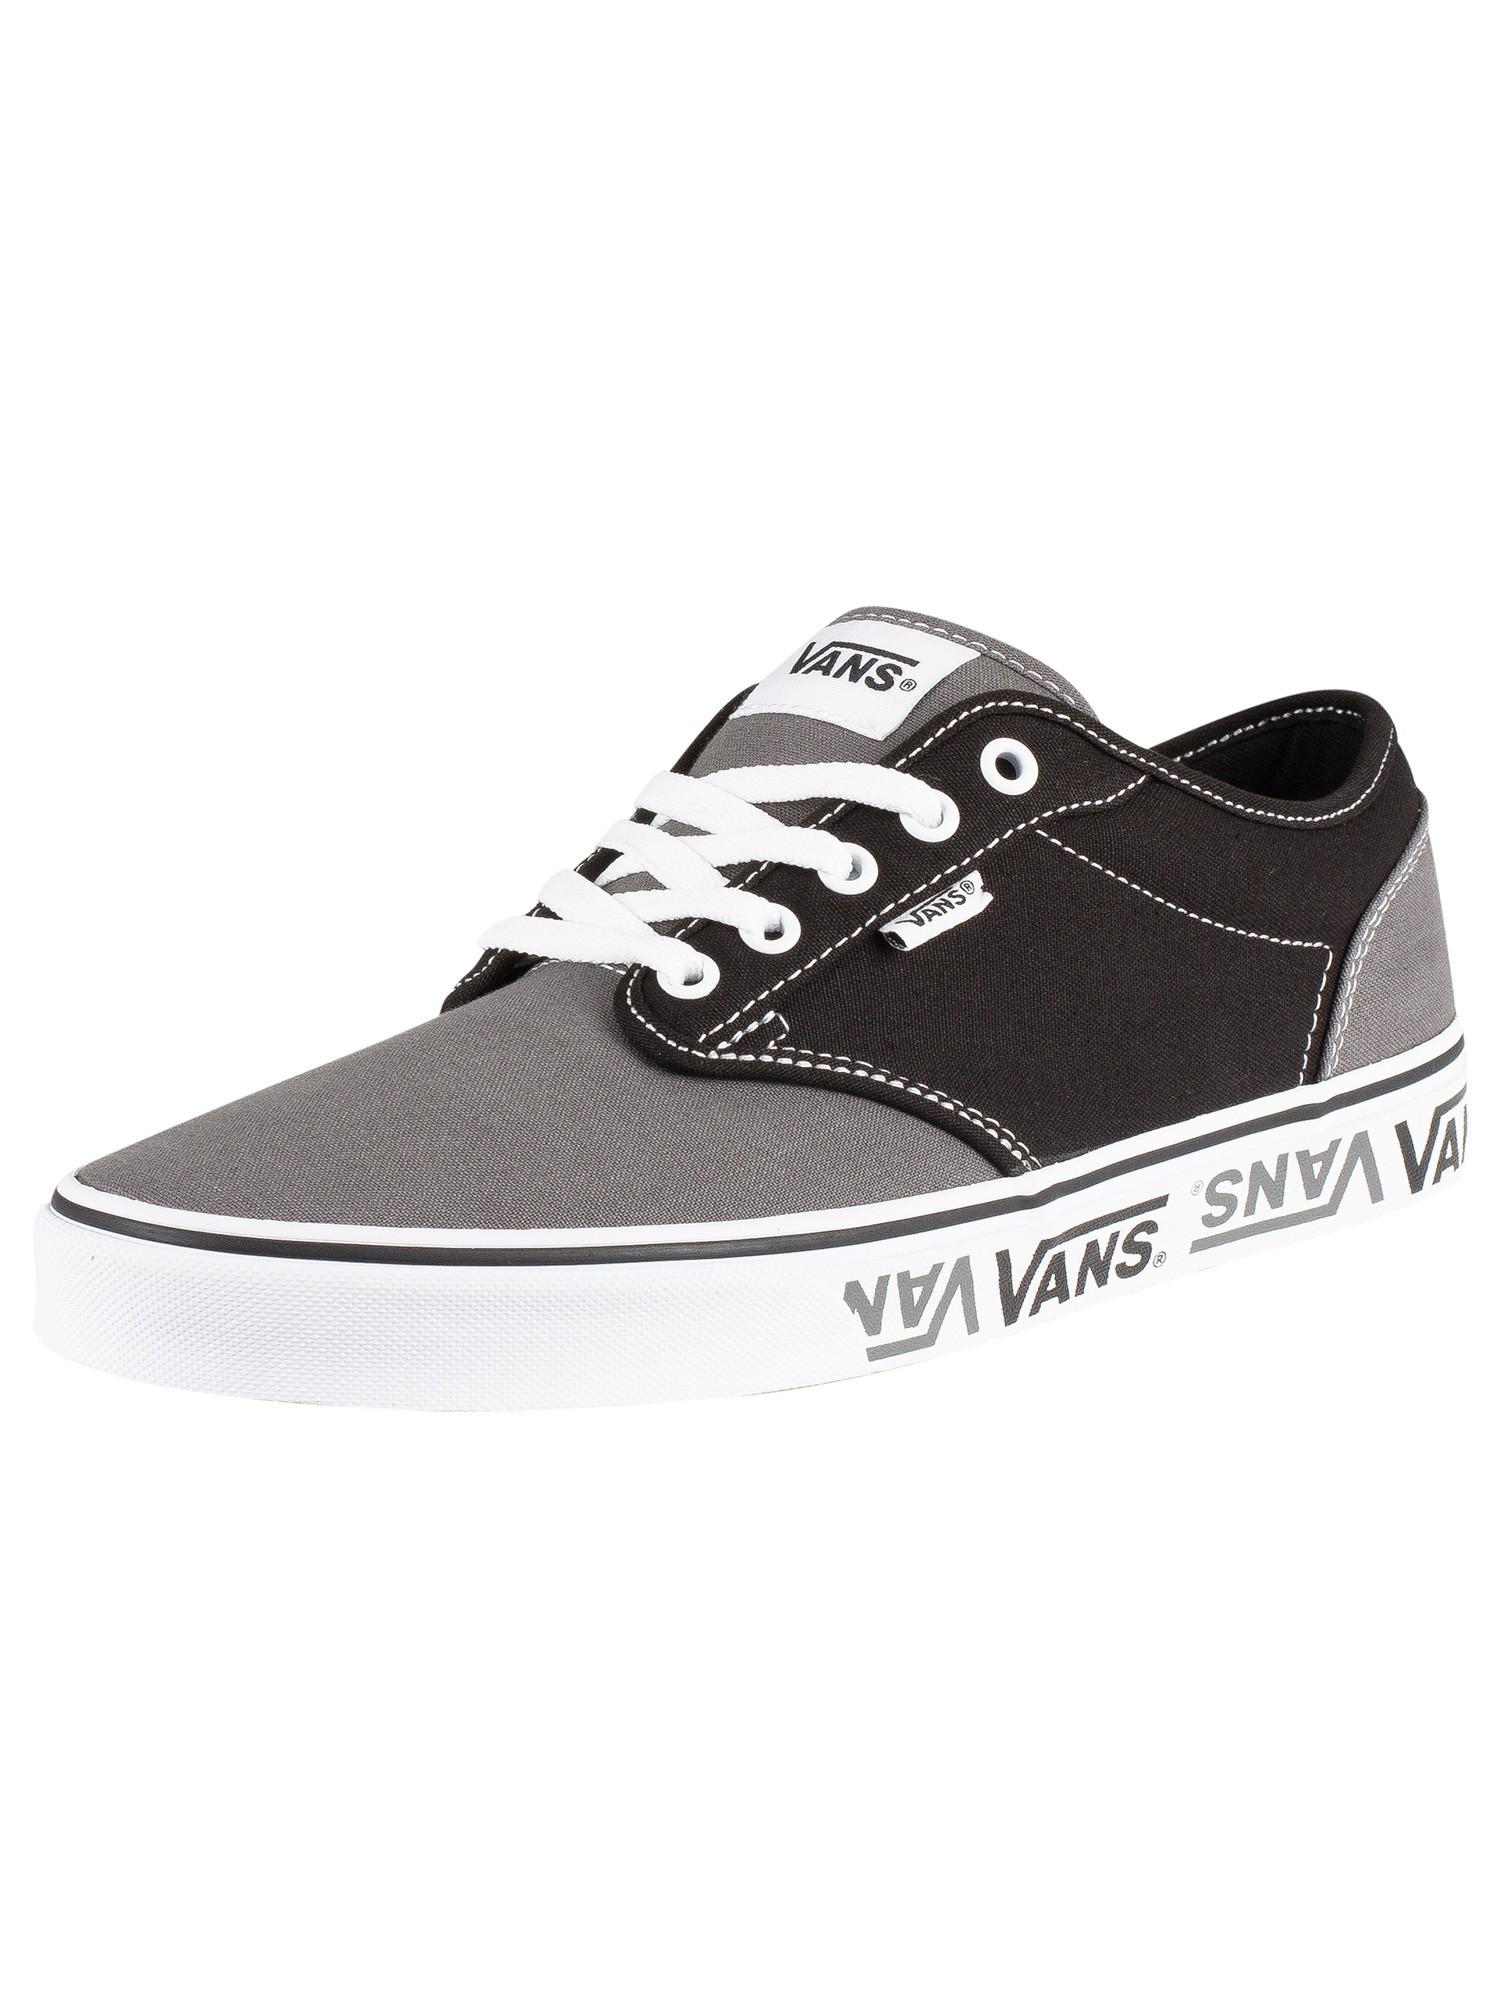 1e5140017c89bd Vans